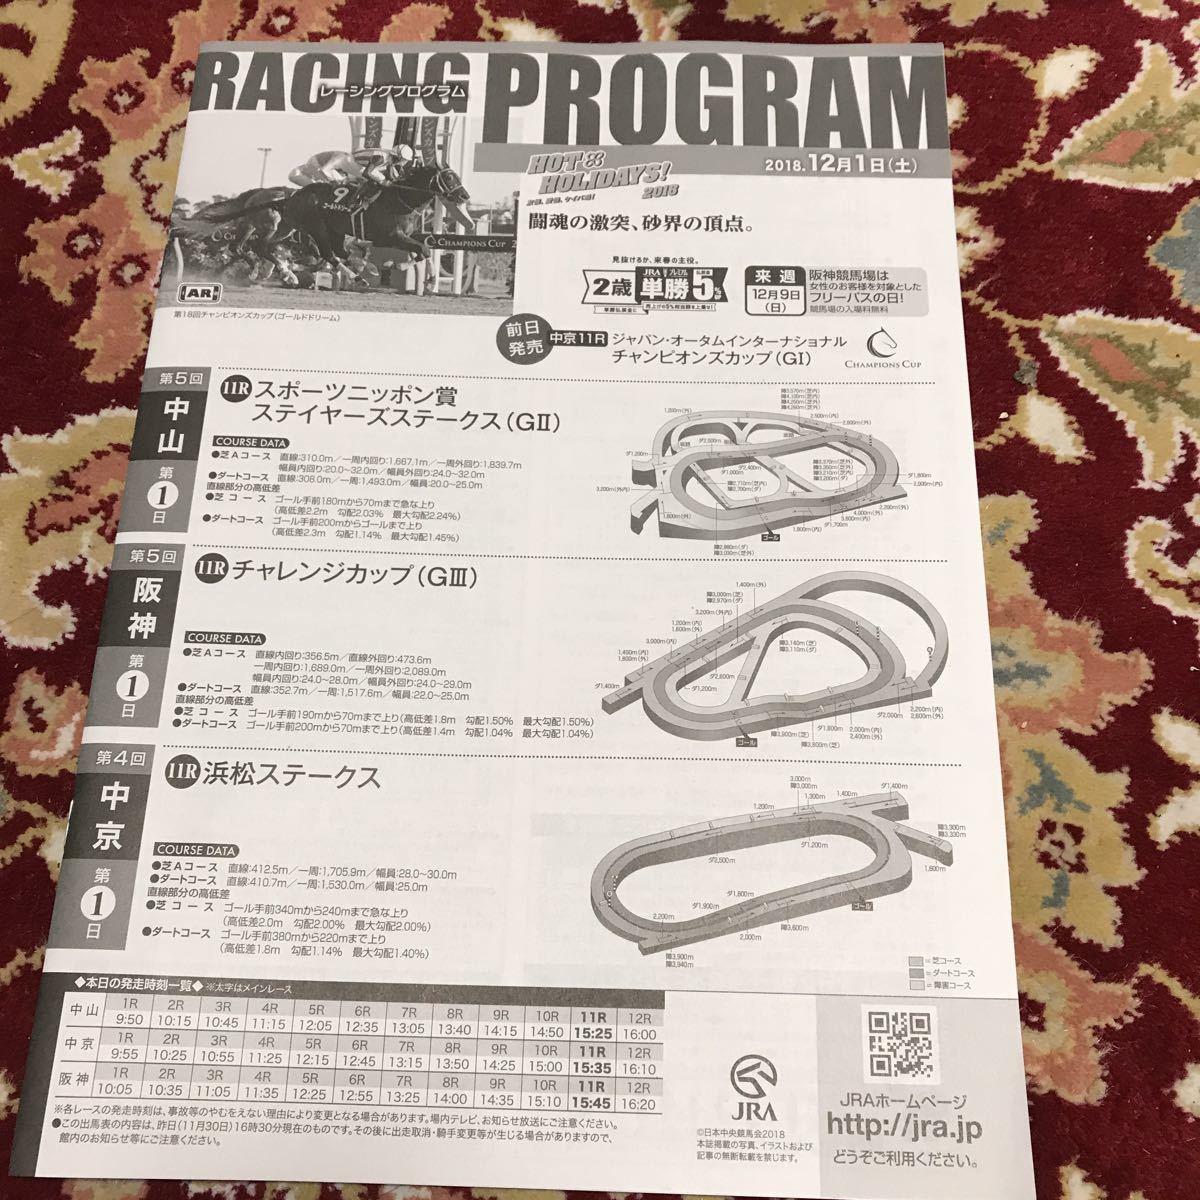 JRAレーシングプログラム2018.12月1日(土)、ステイヤーステークス(GⅡ)、チャレンジカップ(GⅢ)_画像1